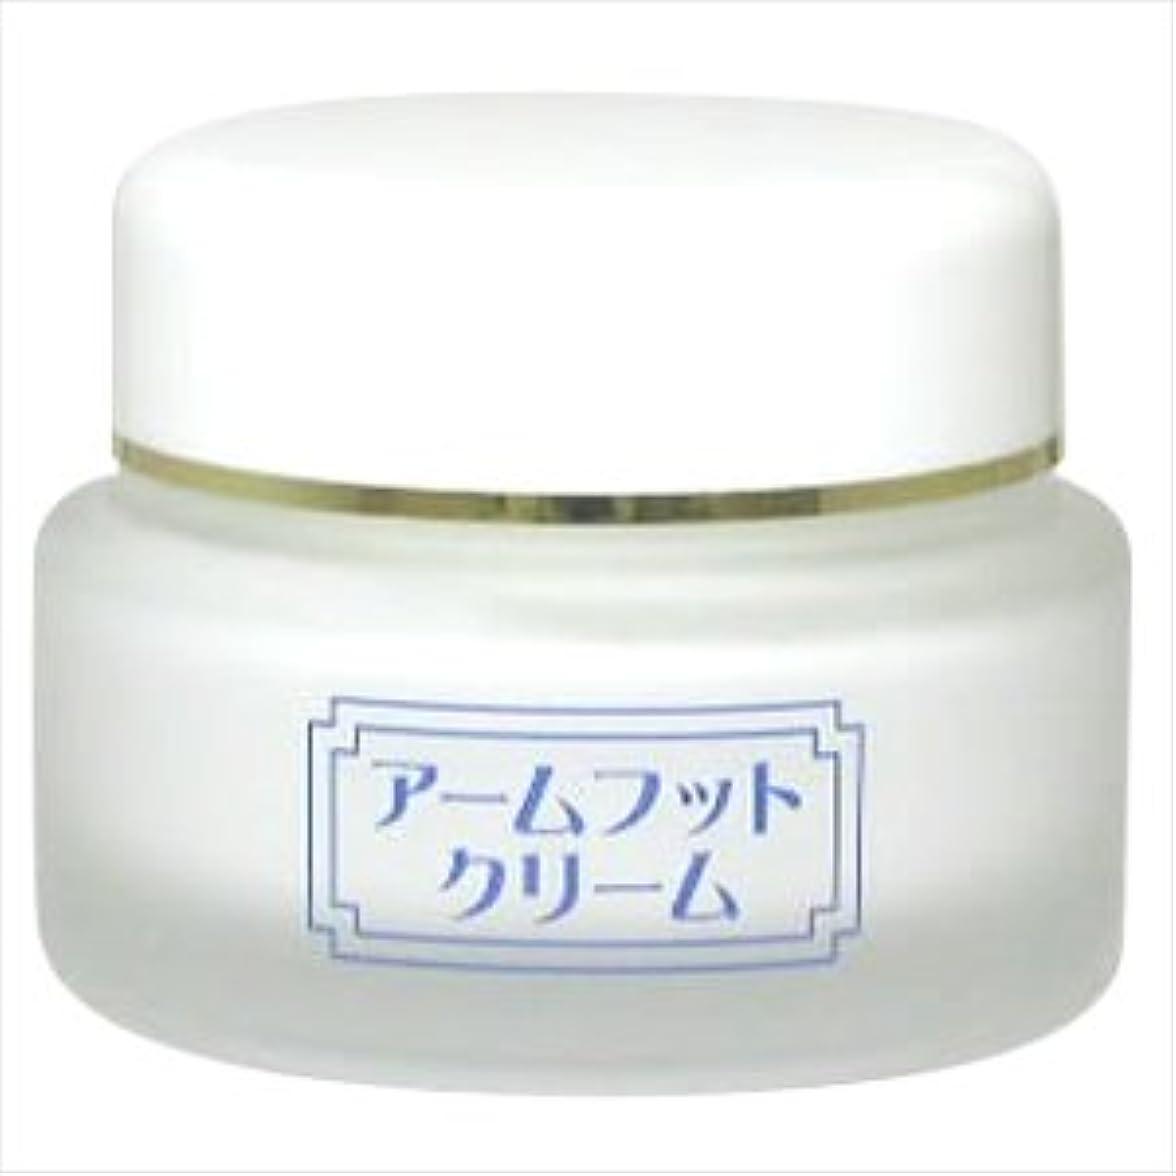 拒絶恐怖症ガロン薬用デオドラントクリーム アームフットクリーム(20g) (1個)